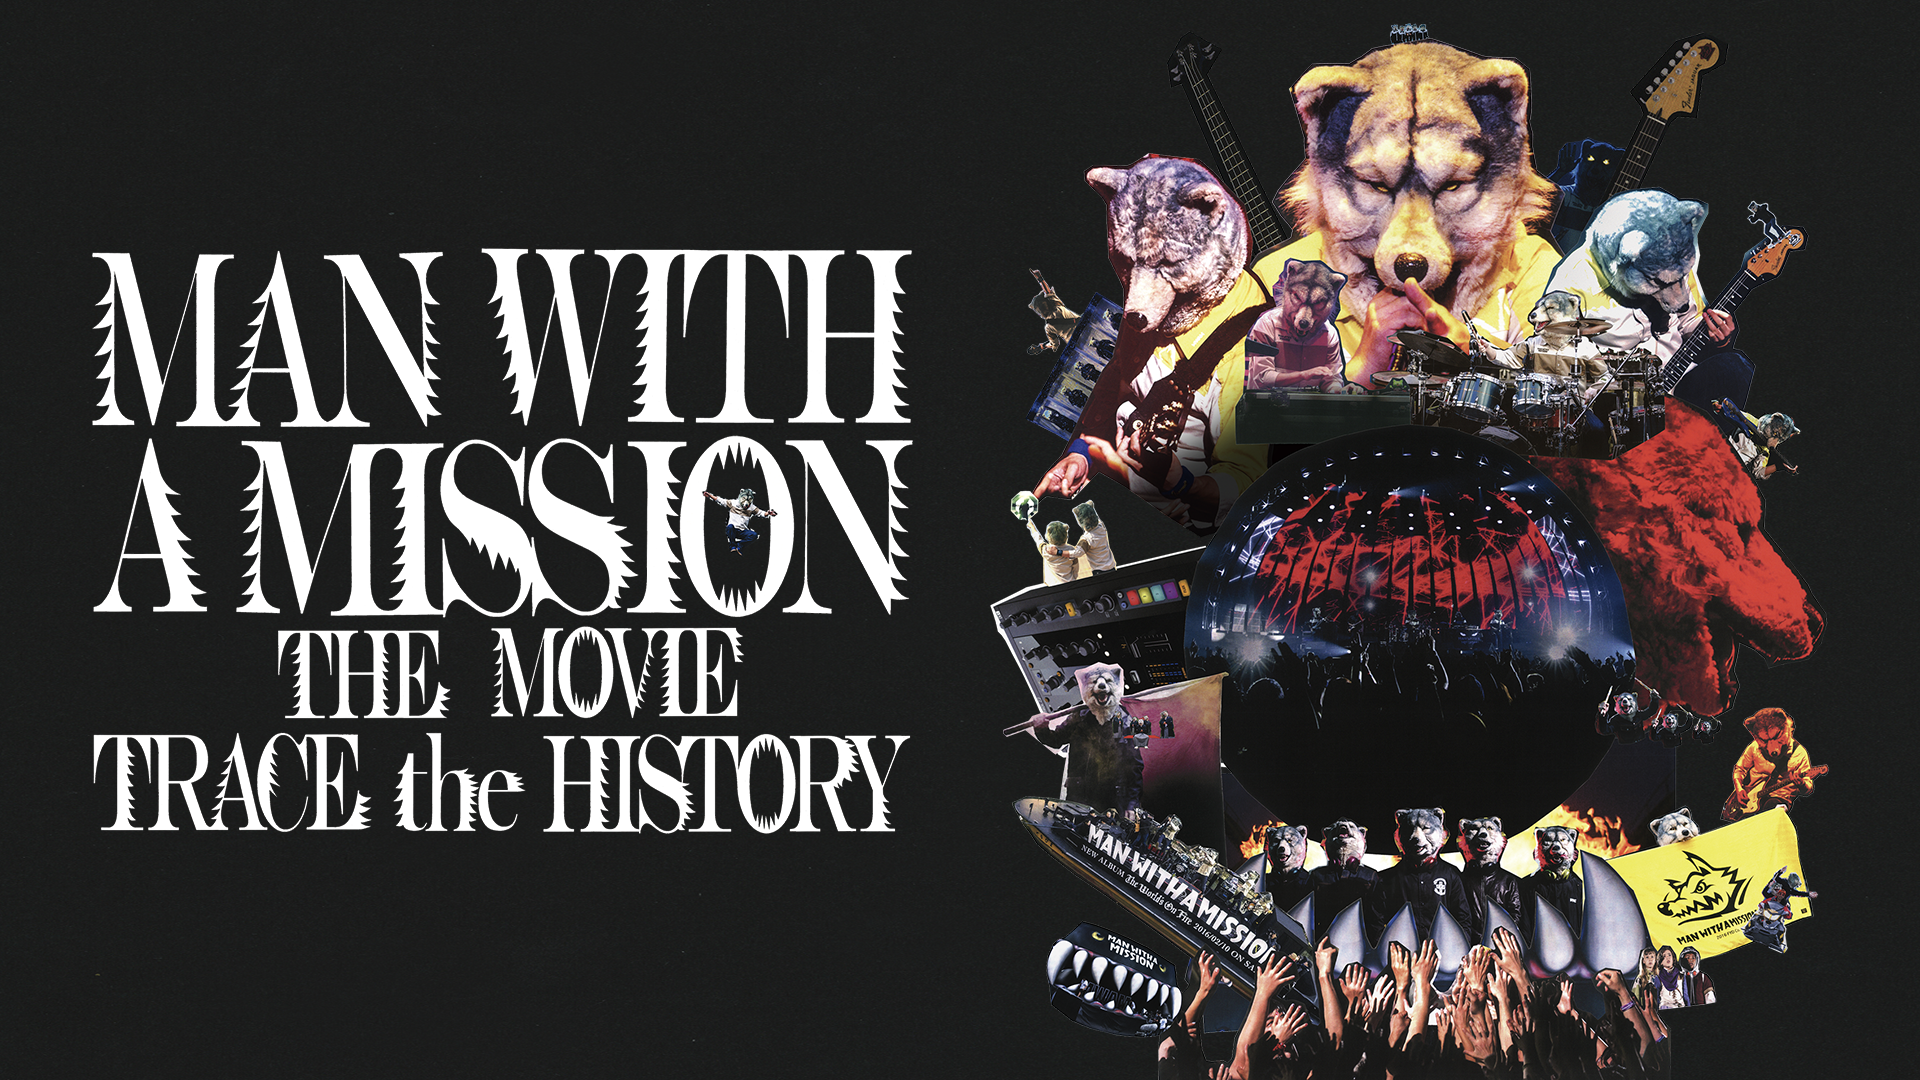 映画『MAN WITH A MISSION THE MOVIE TRACE the HISTORY』無料動画!フル視聴できる方法を調査!おすすめ動画配信サービスは?